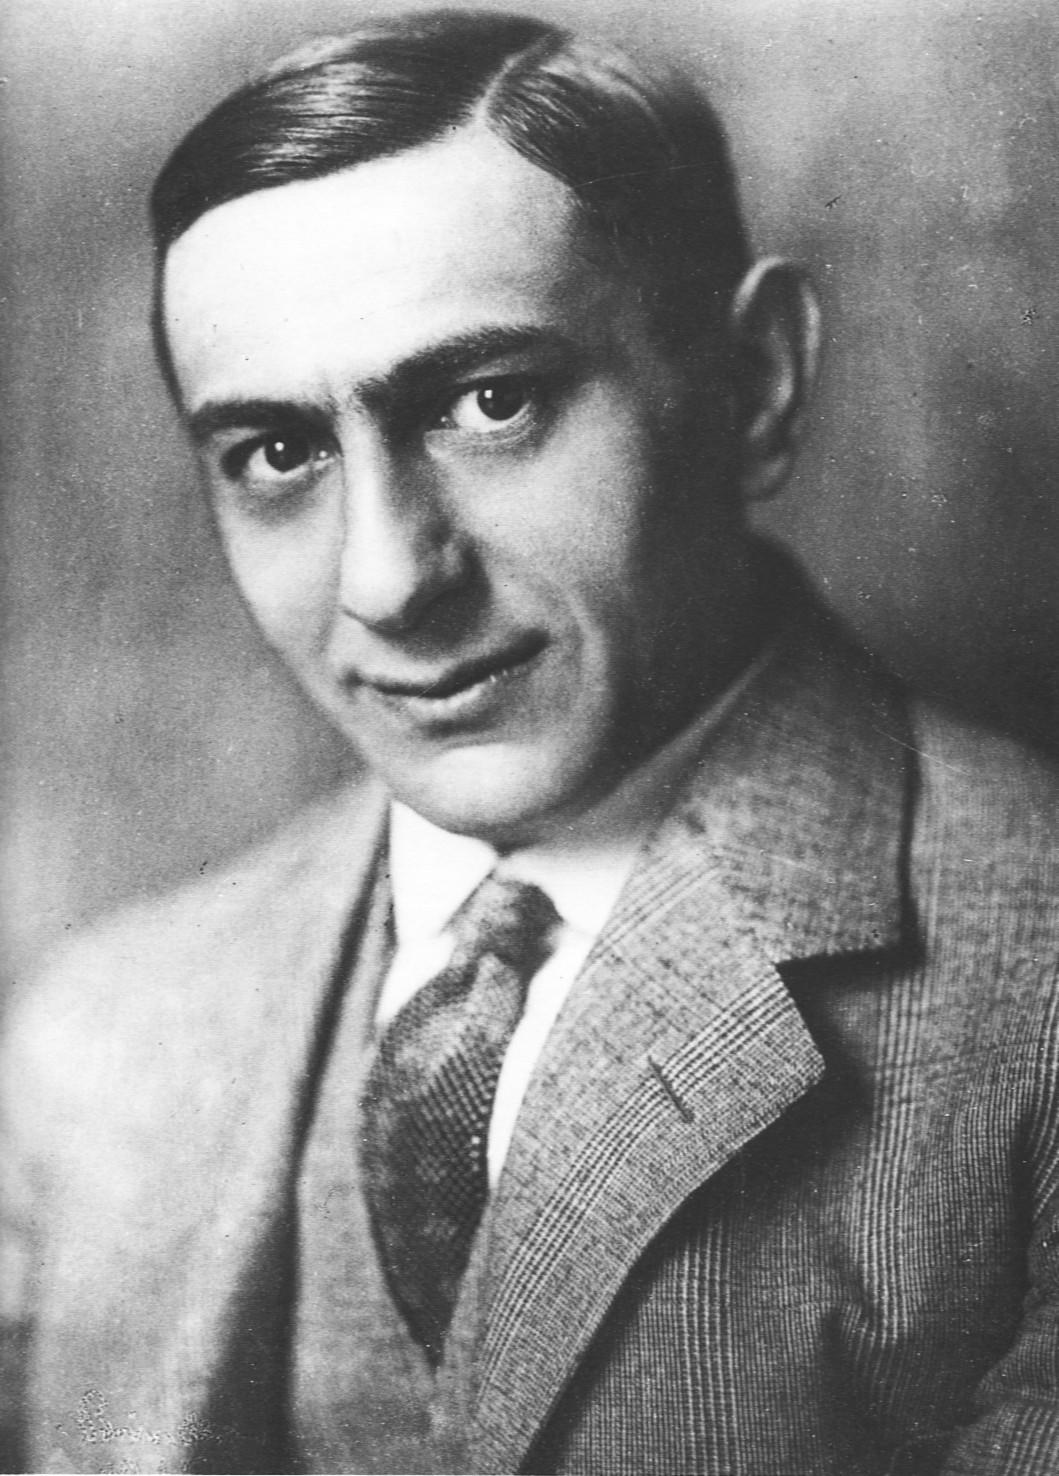 エルンスト・ルビッチ - Wikipedia